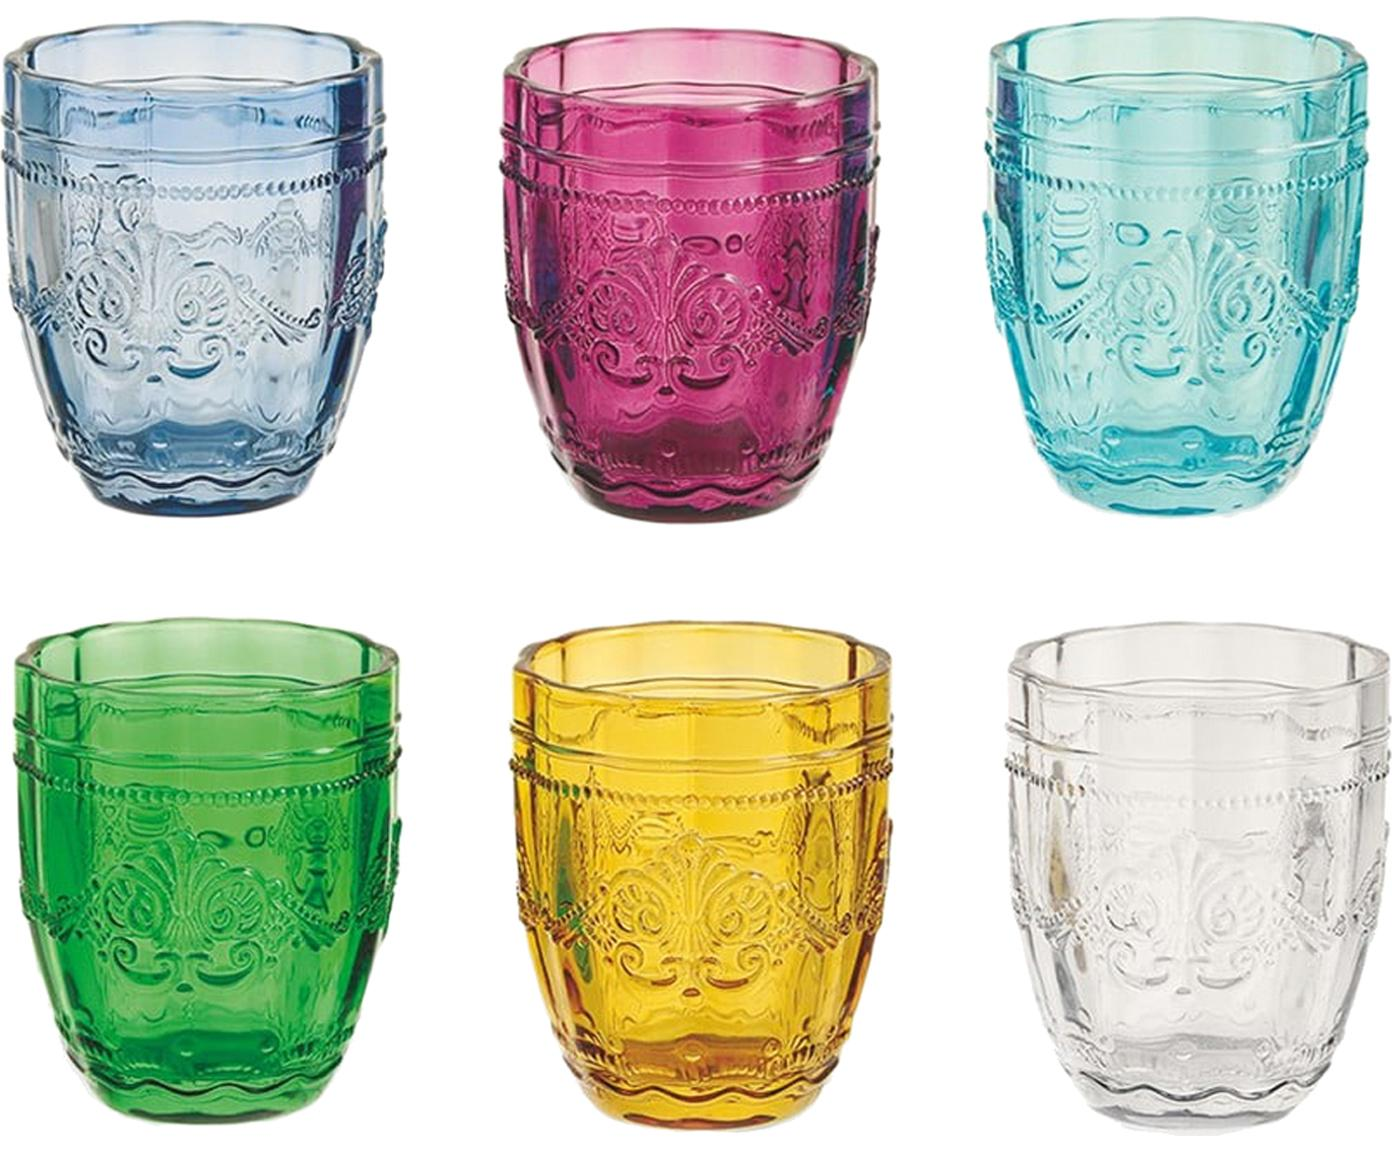 Komplet szklanek do wody Syrah, 6 elem., Szkło, Wielobarwny, Ø 8 x W 10 cm